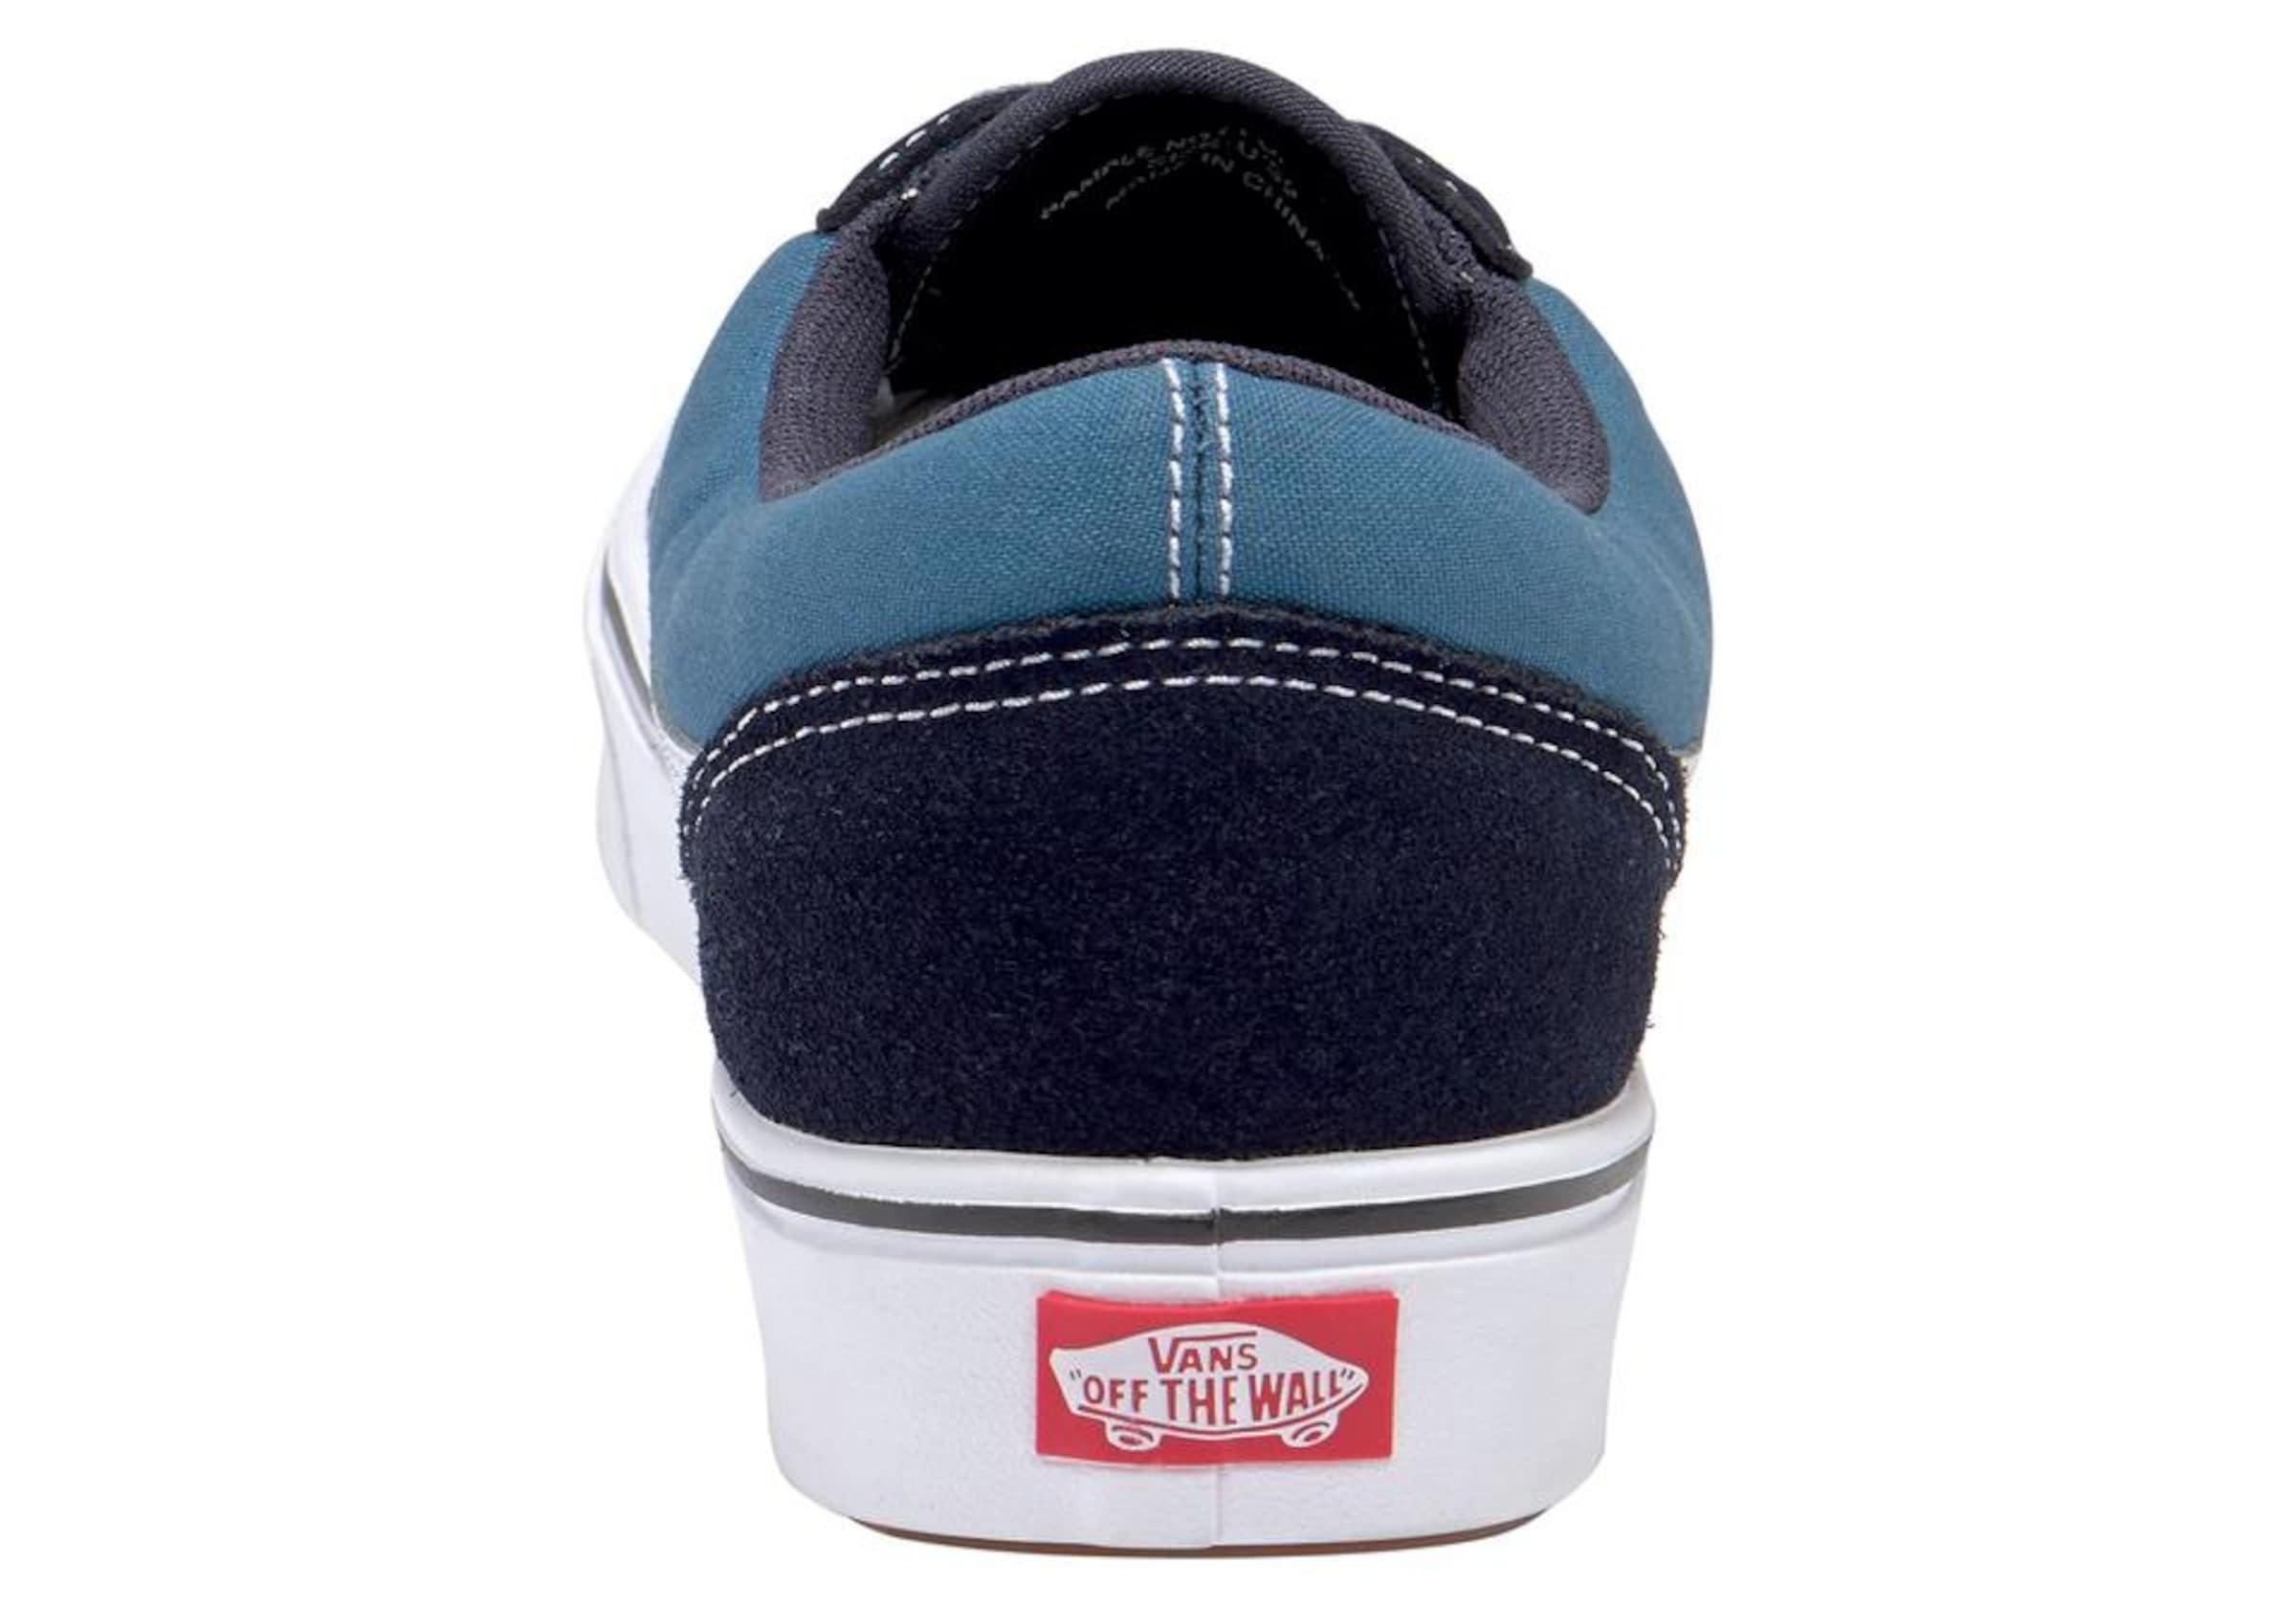 Skool' Weiß NachtblauHimmelblau Vans Sneaker 'comfy In Old Cush 76vYyIbfg